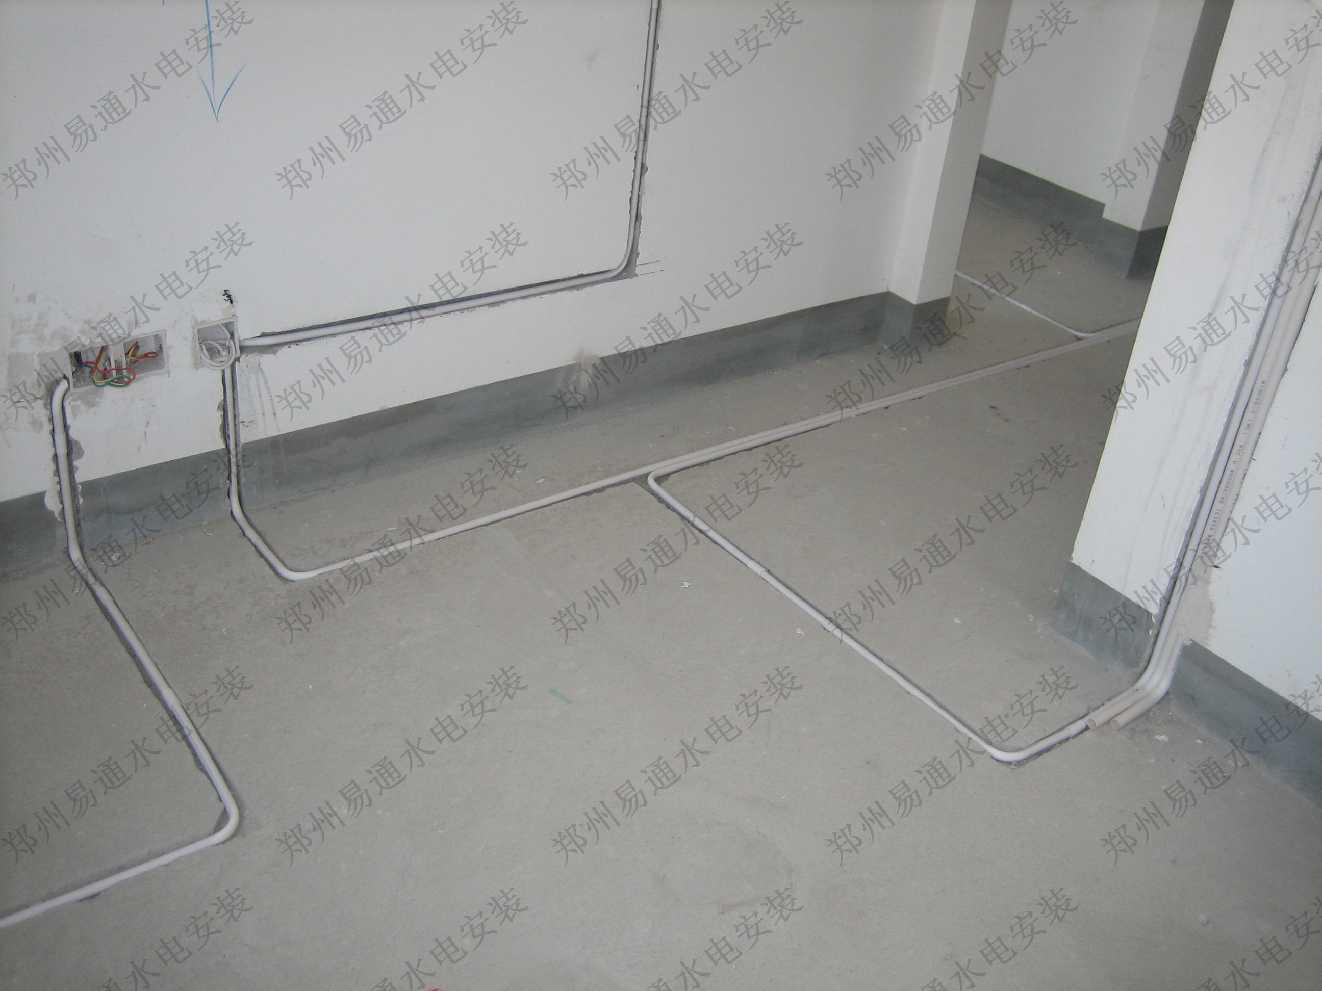 水电安装系统图 暗装水电安装图纸 水电安装图集大全